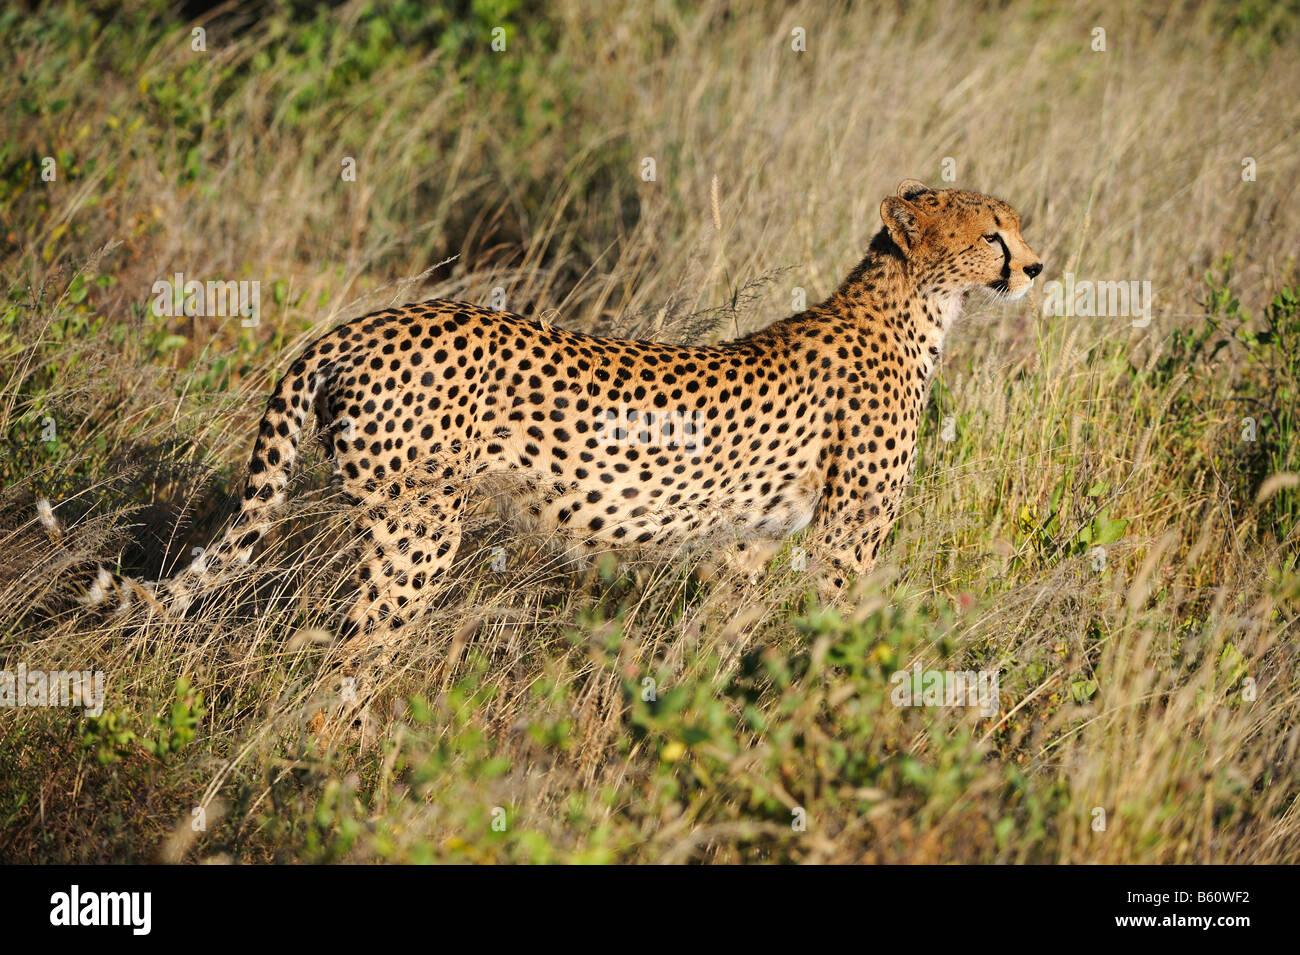 Cheetah (Acinonyx jubatus) at dawn, Samburu National Reserve, Kenya, East Africa, Africa - Stock Image